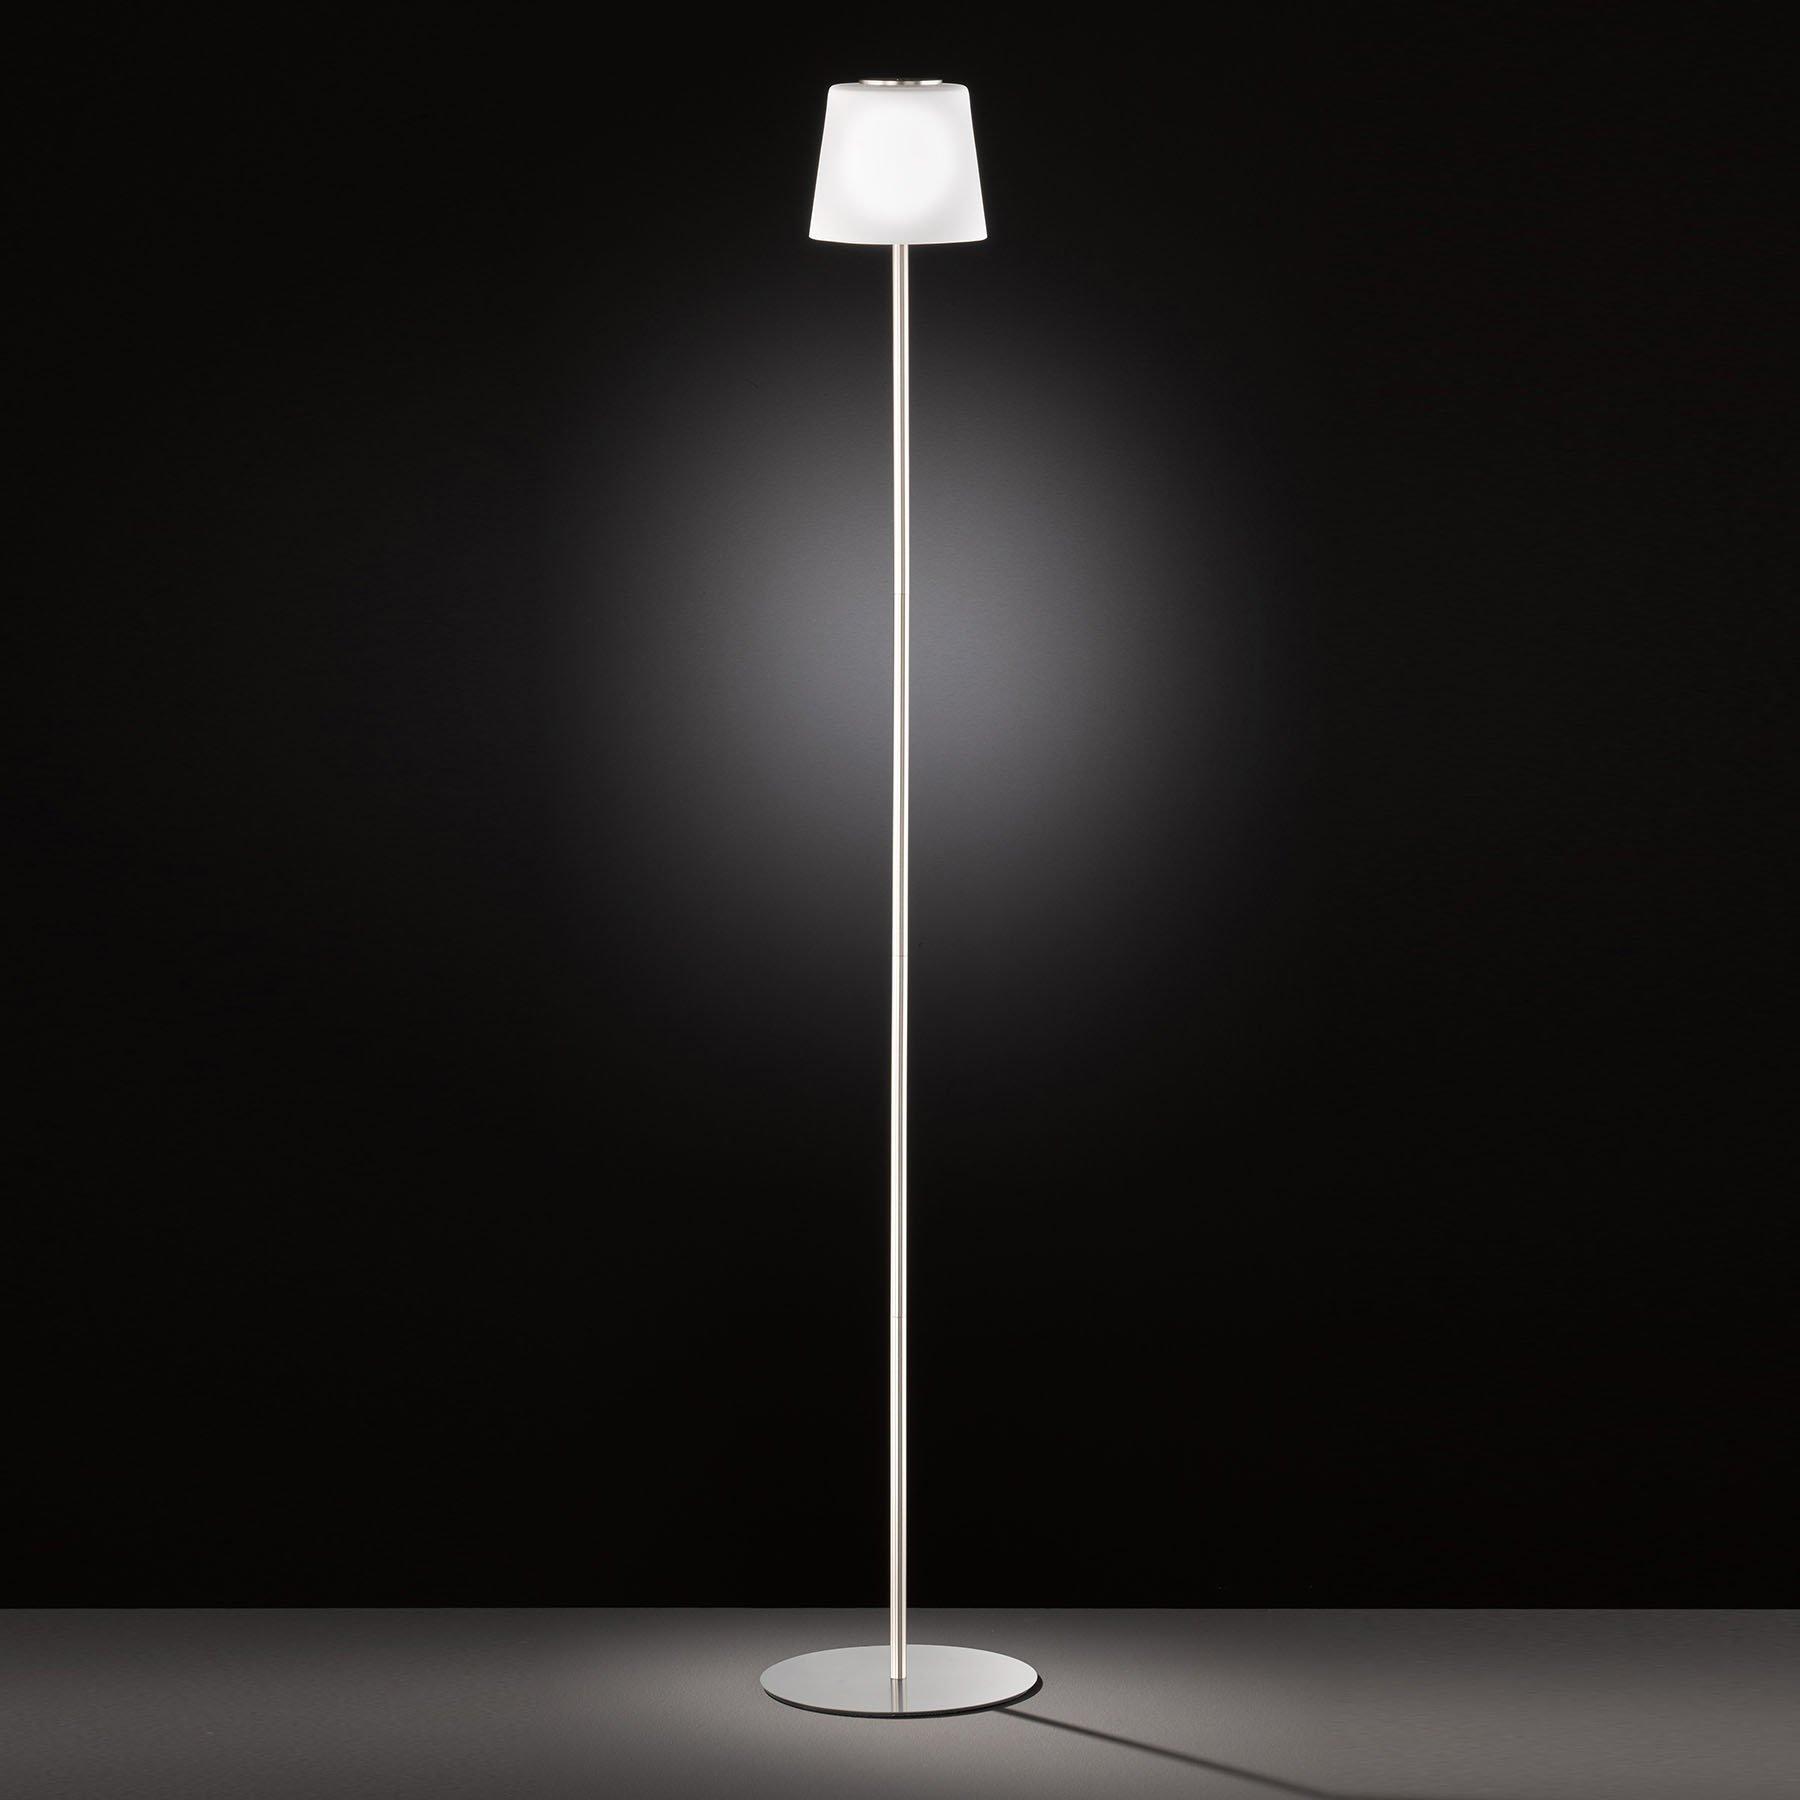 LED-gulvlampe Genk med batteri og touchdimmer